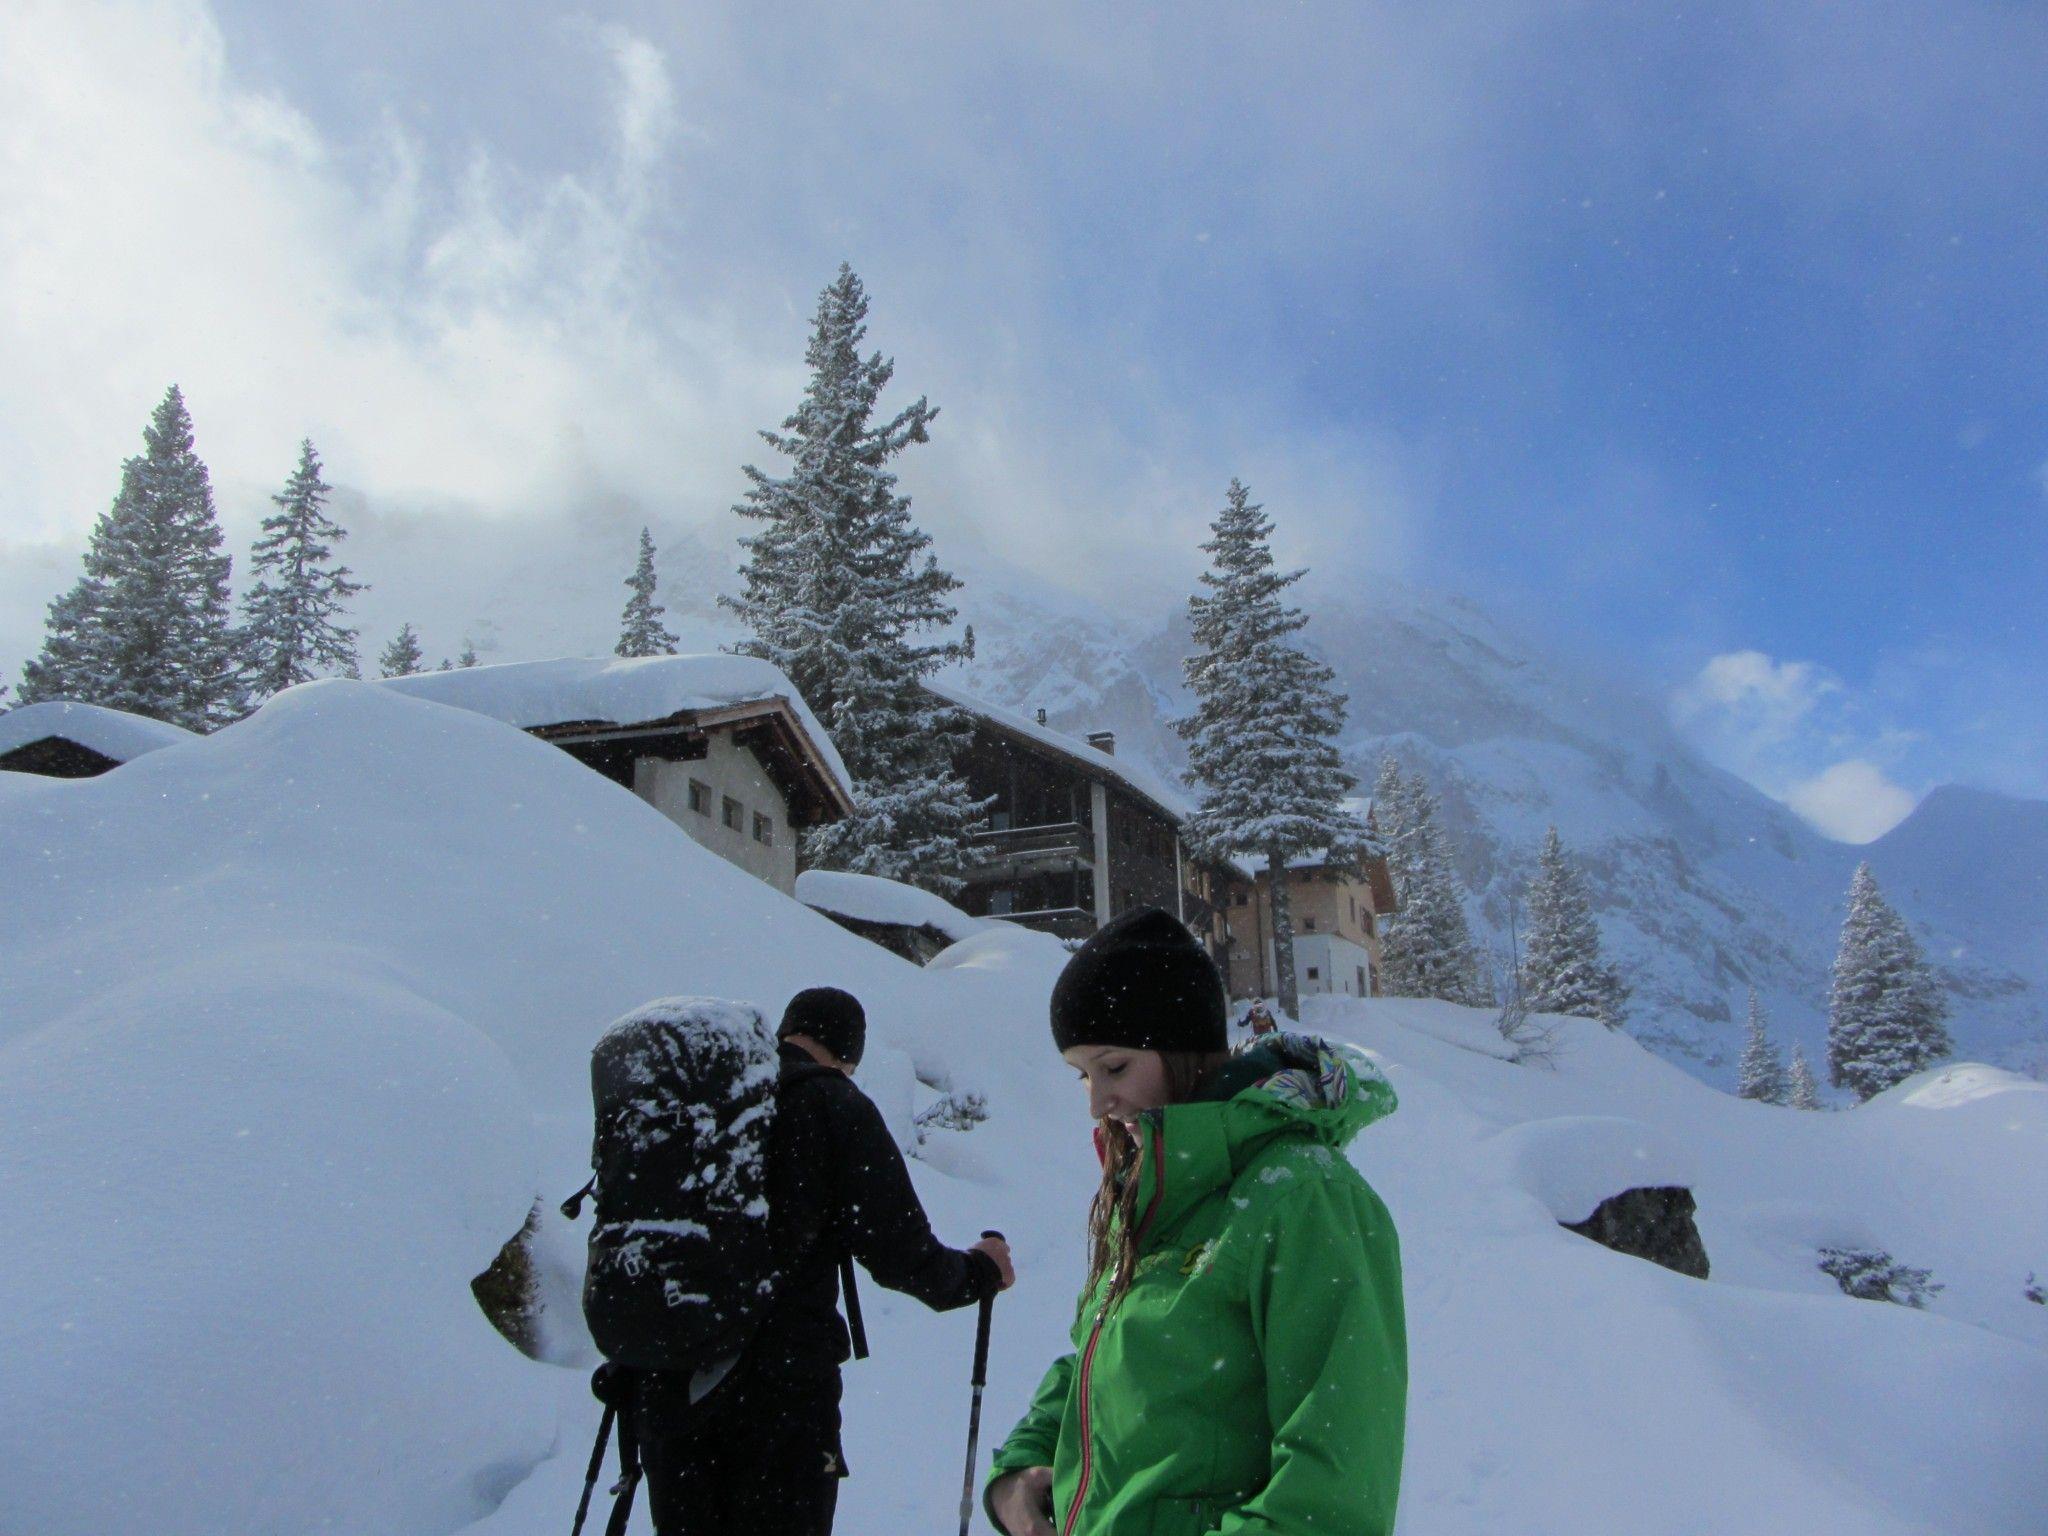 Schneereiches Ausflugsziel: Lindauer Hütte.